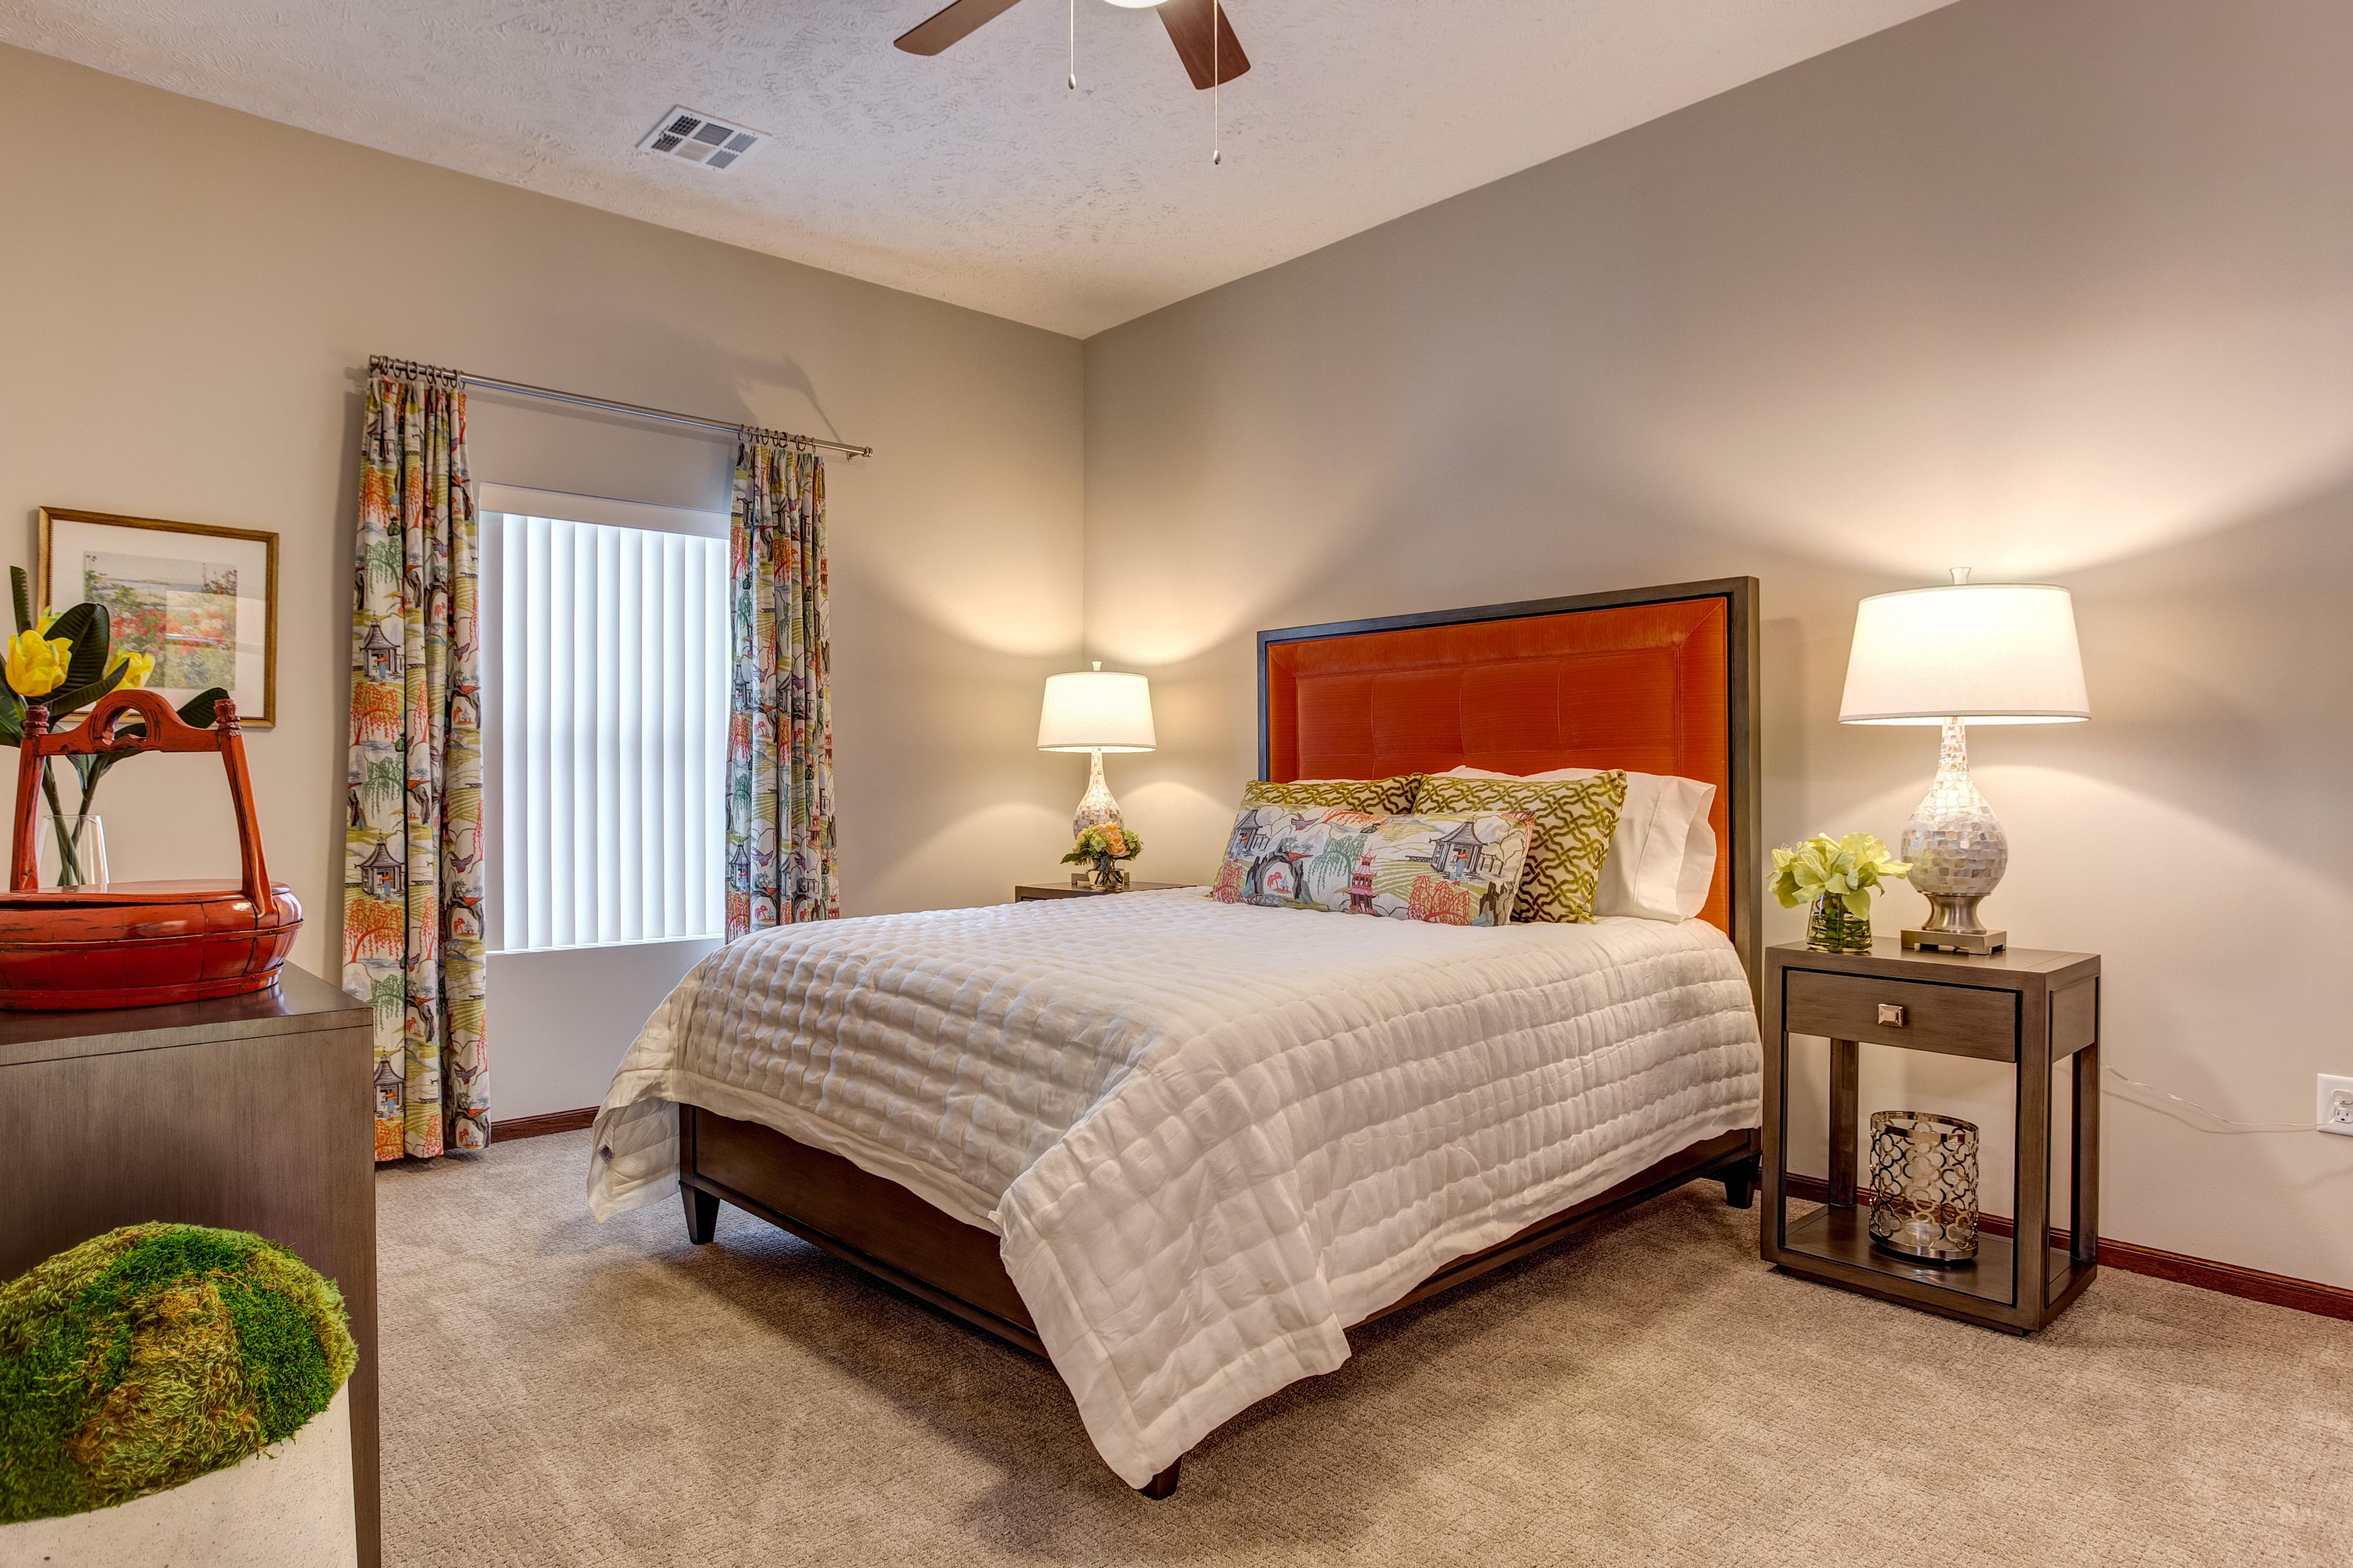 Model Bedroom at Huntley Springs